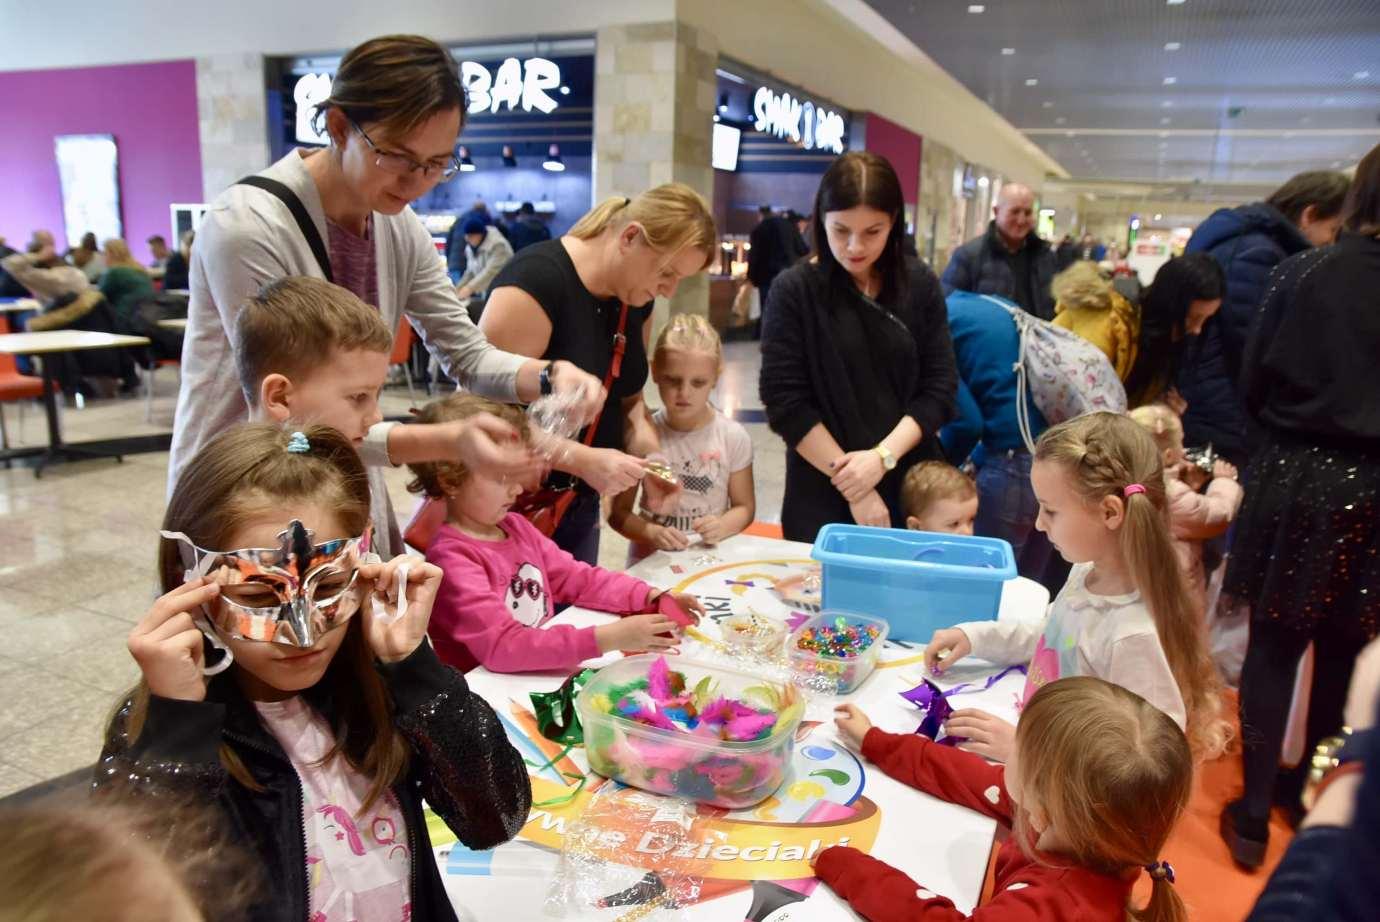 dsc 3901 Zabawa kreatywnych dzieciaków w Galerii Handlowej Twierdza (filmy i zdjęcia)